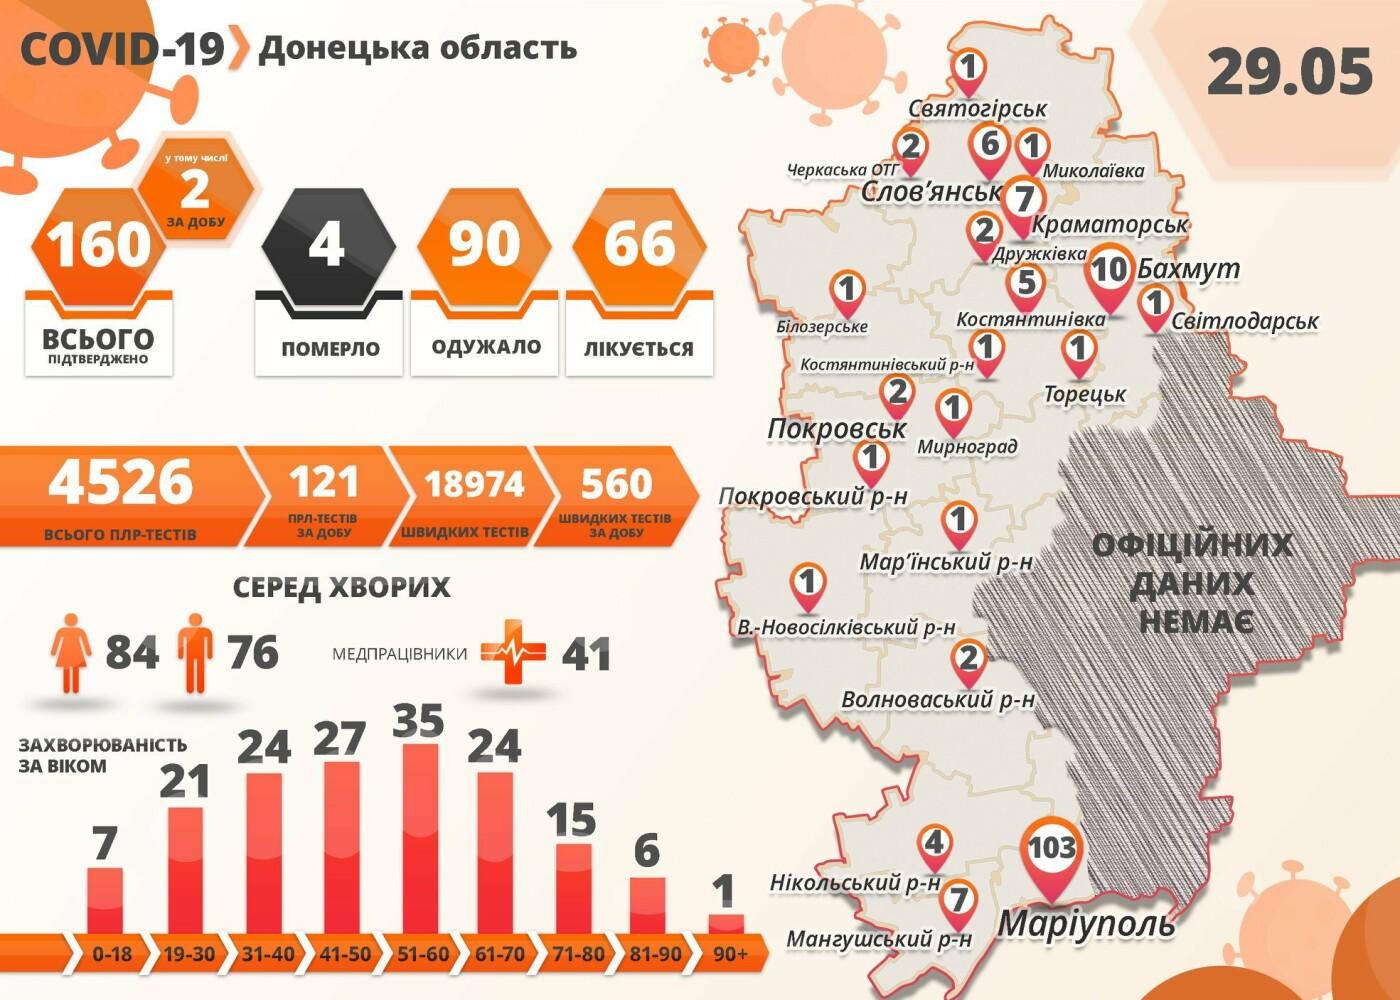 В Донецкой области количество инфицированных коронавирусом выросло до 160, фото-1